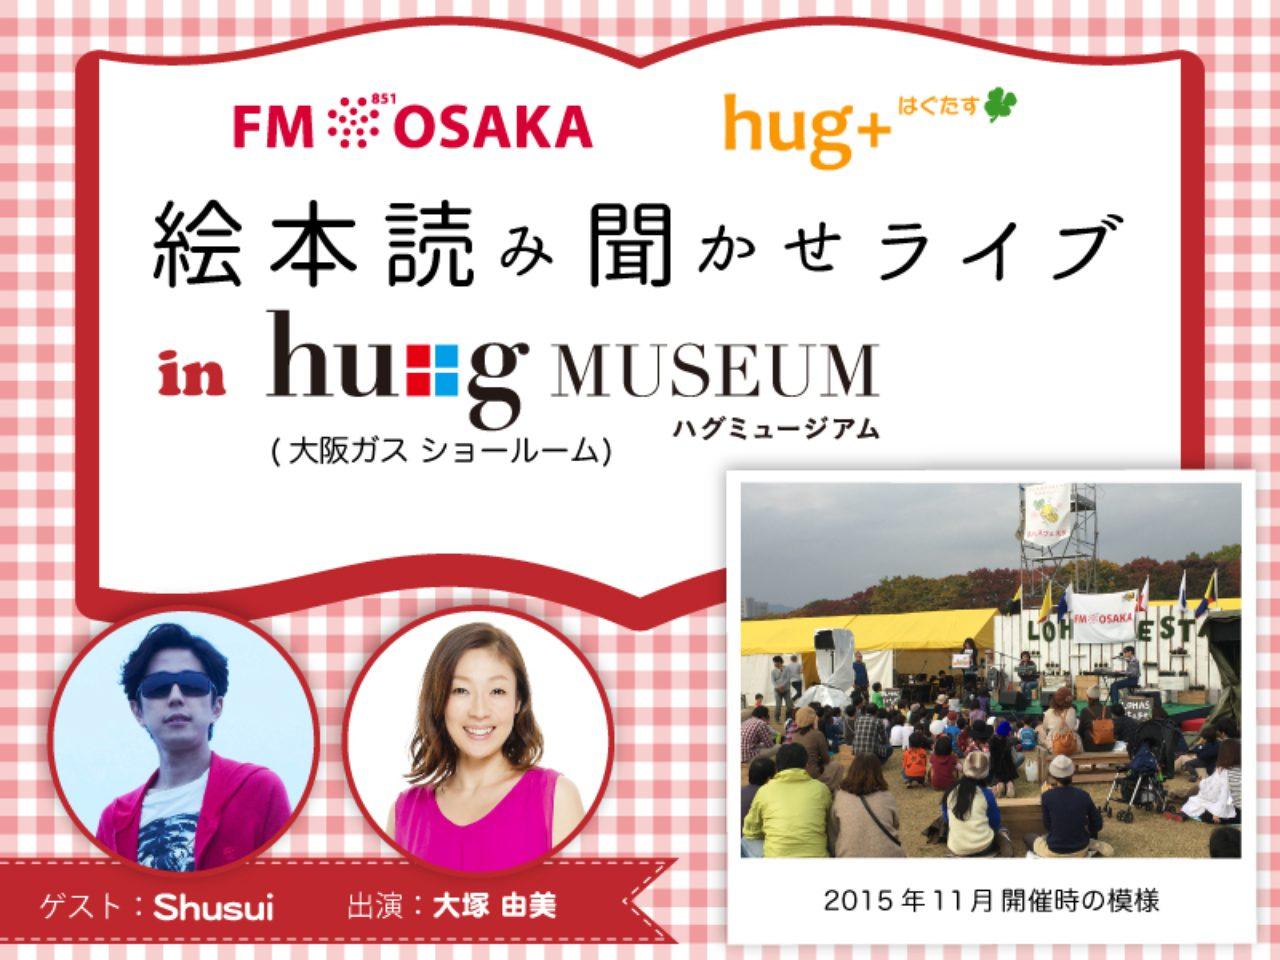 画像: FM OSAKA 『hug+』絵本読み聞かせライブin hu+gMUSEUM - FM OSAKA 85.1